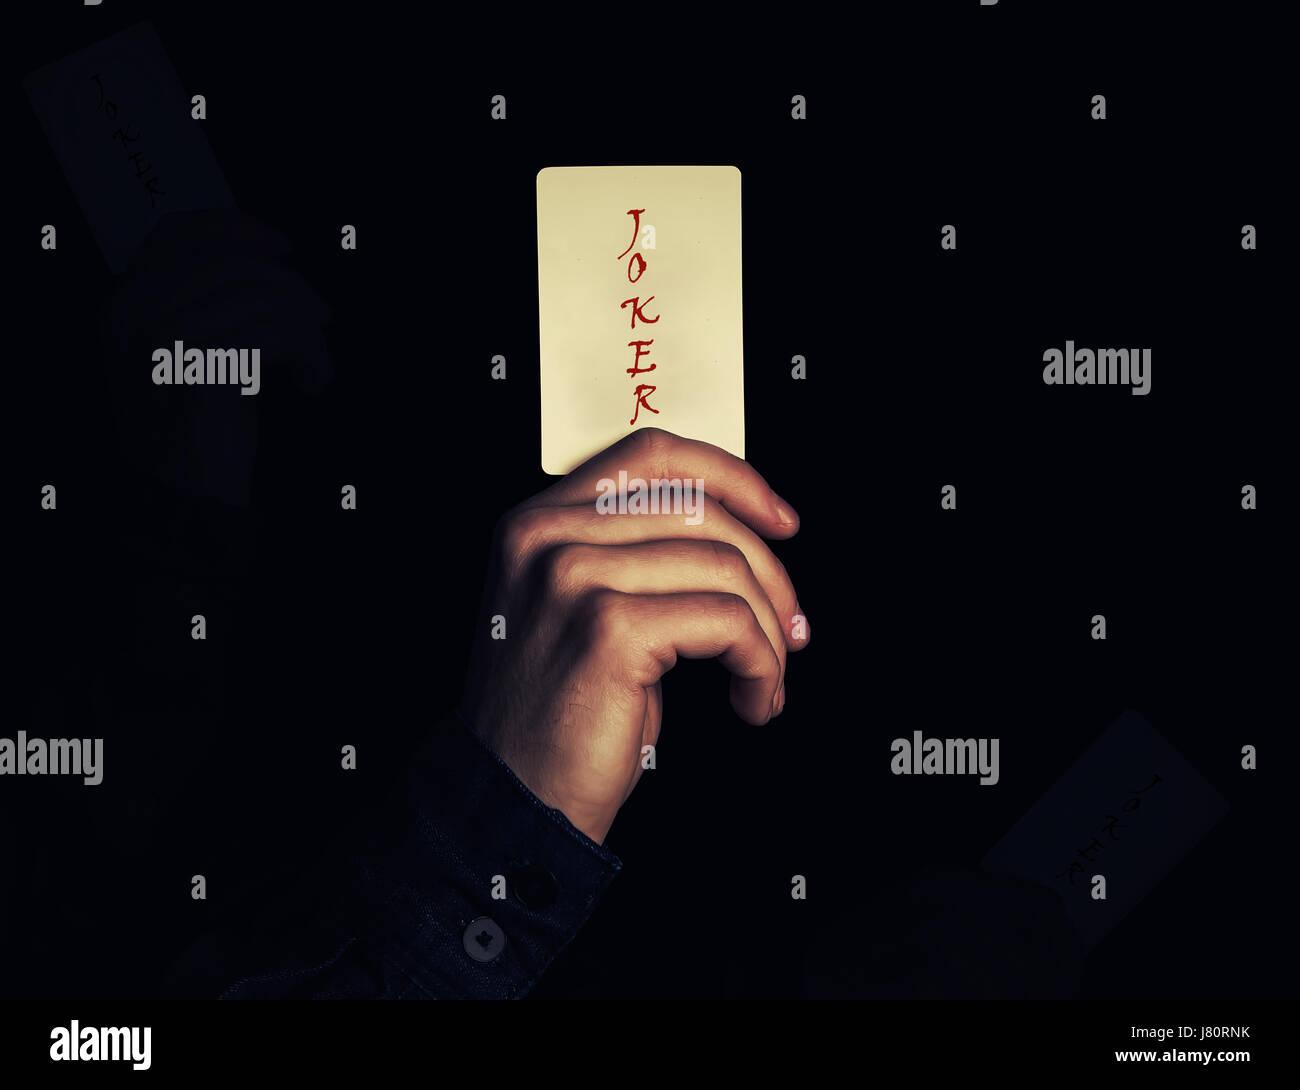 Cerca de la mano de un hombre sosteniendo joker naipe. Ilusionista mostrando un truco de magia sobre un fondo negro. Foto de stock